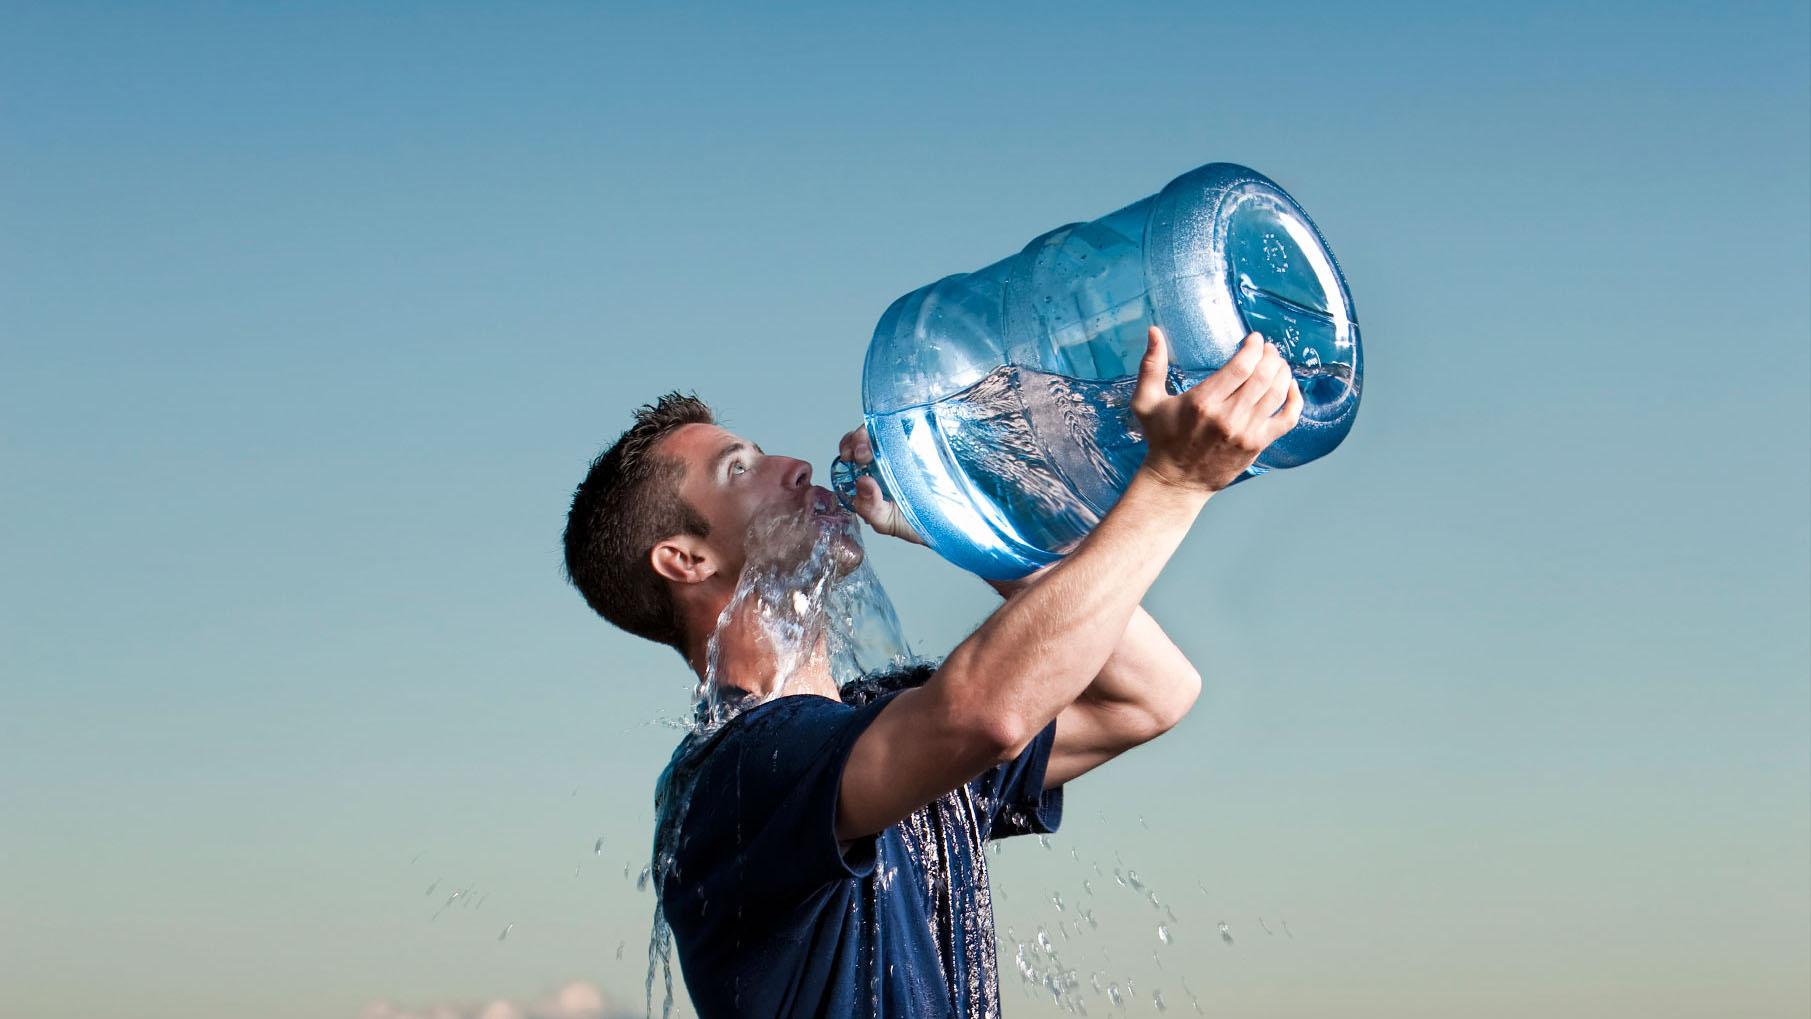 Mucho se ha dicho acerca de que debemos beber dos litros de agua al día, pero no todos los cuerpos son iguales por lo que cada quien tiene necesidades diferentes